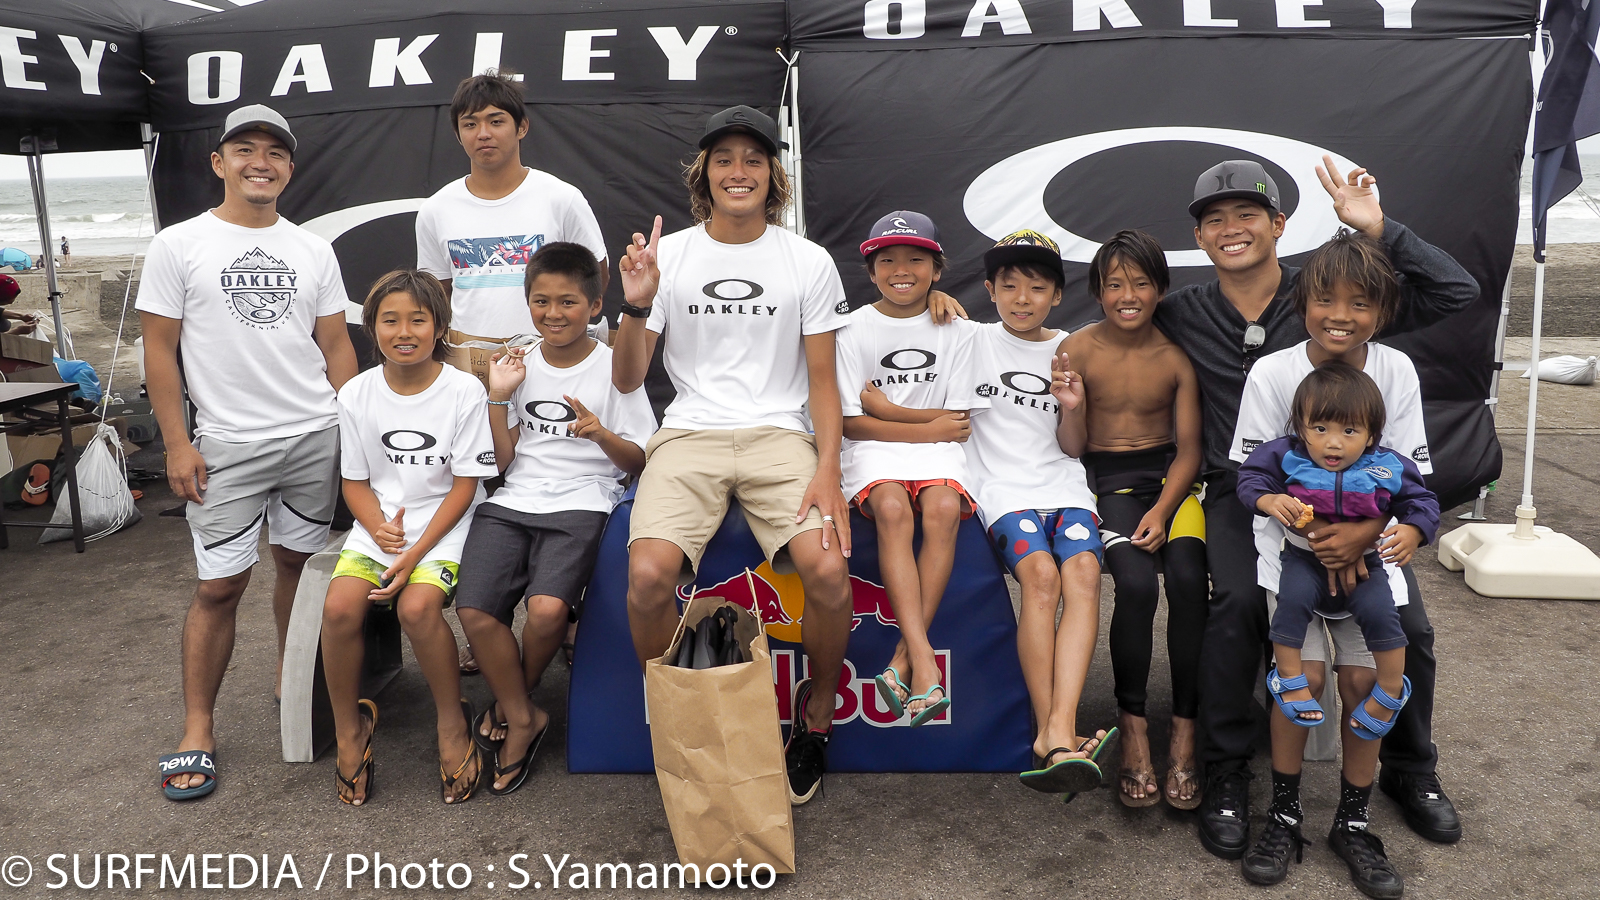 優勝した平原颯馬、大原洋人とキッズ達が記念撮影。